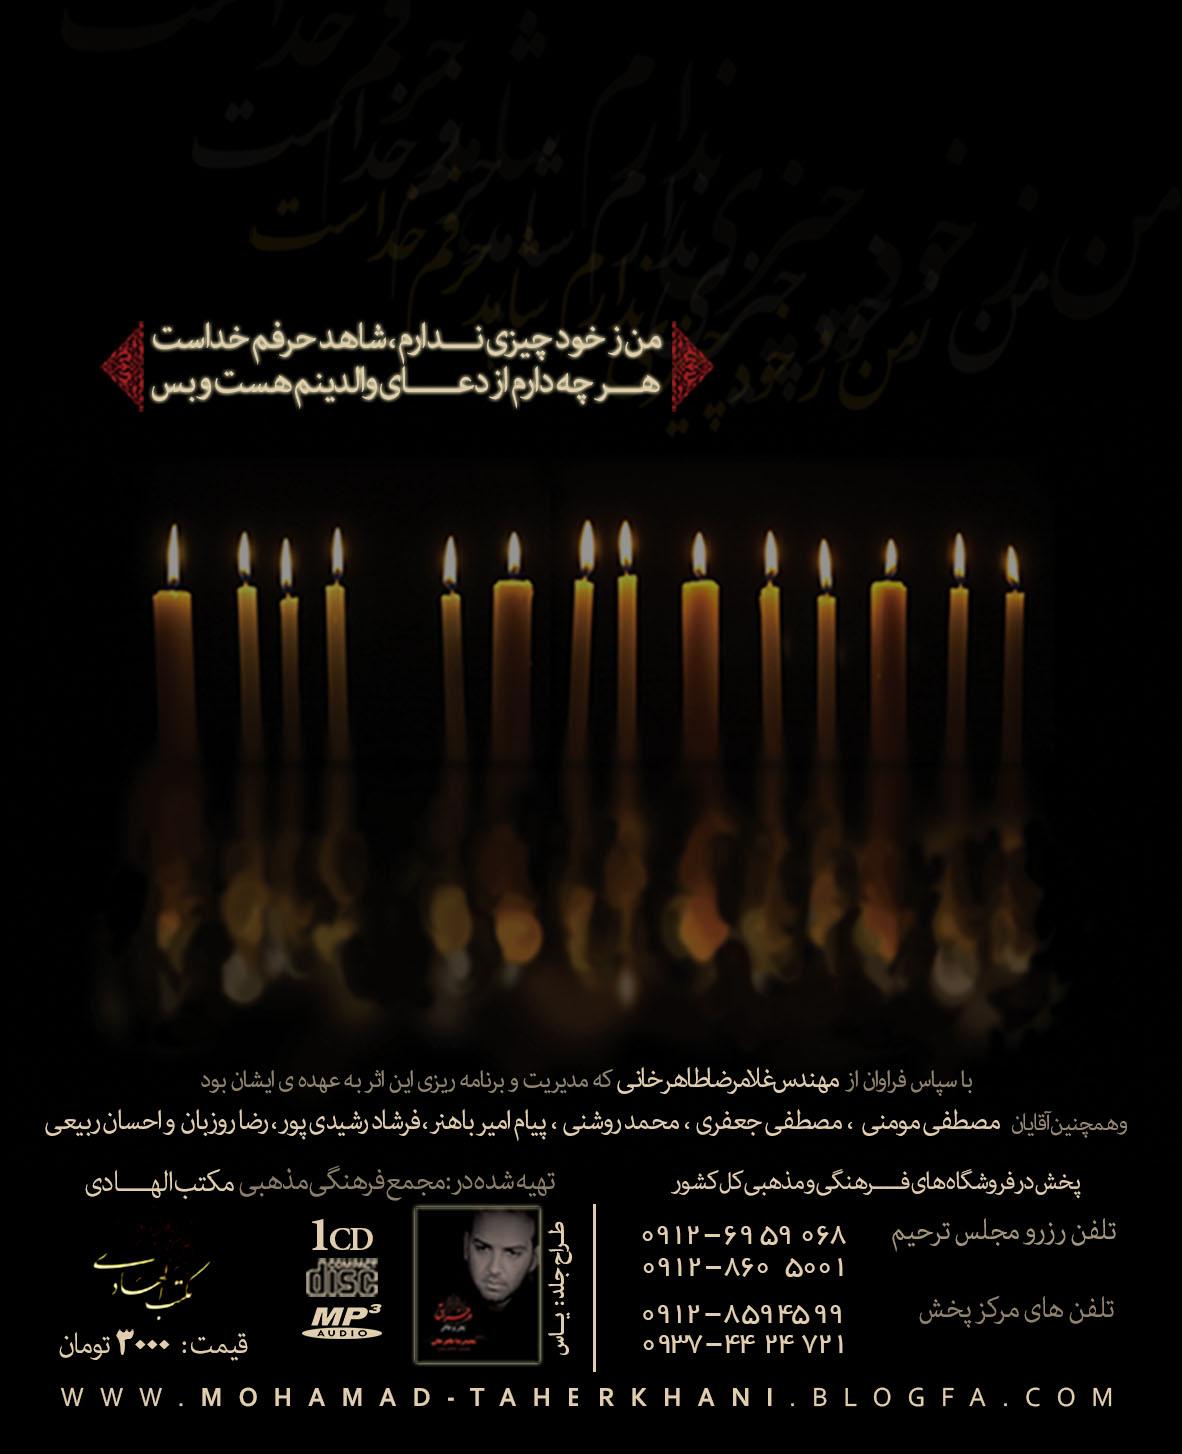 وبلاگ رسمی محمدرضا طاهرخانی